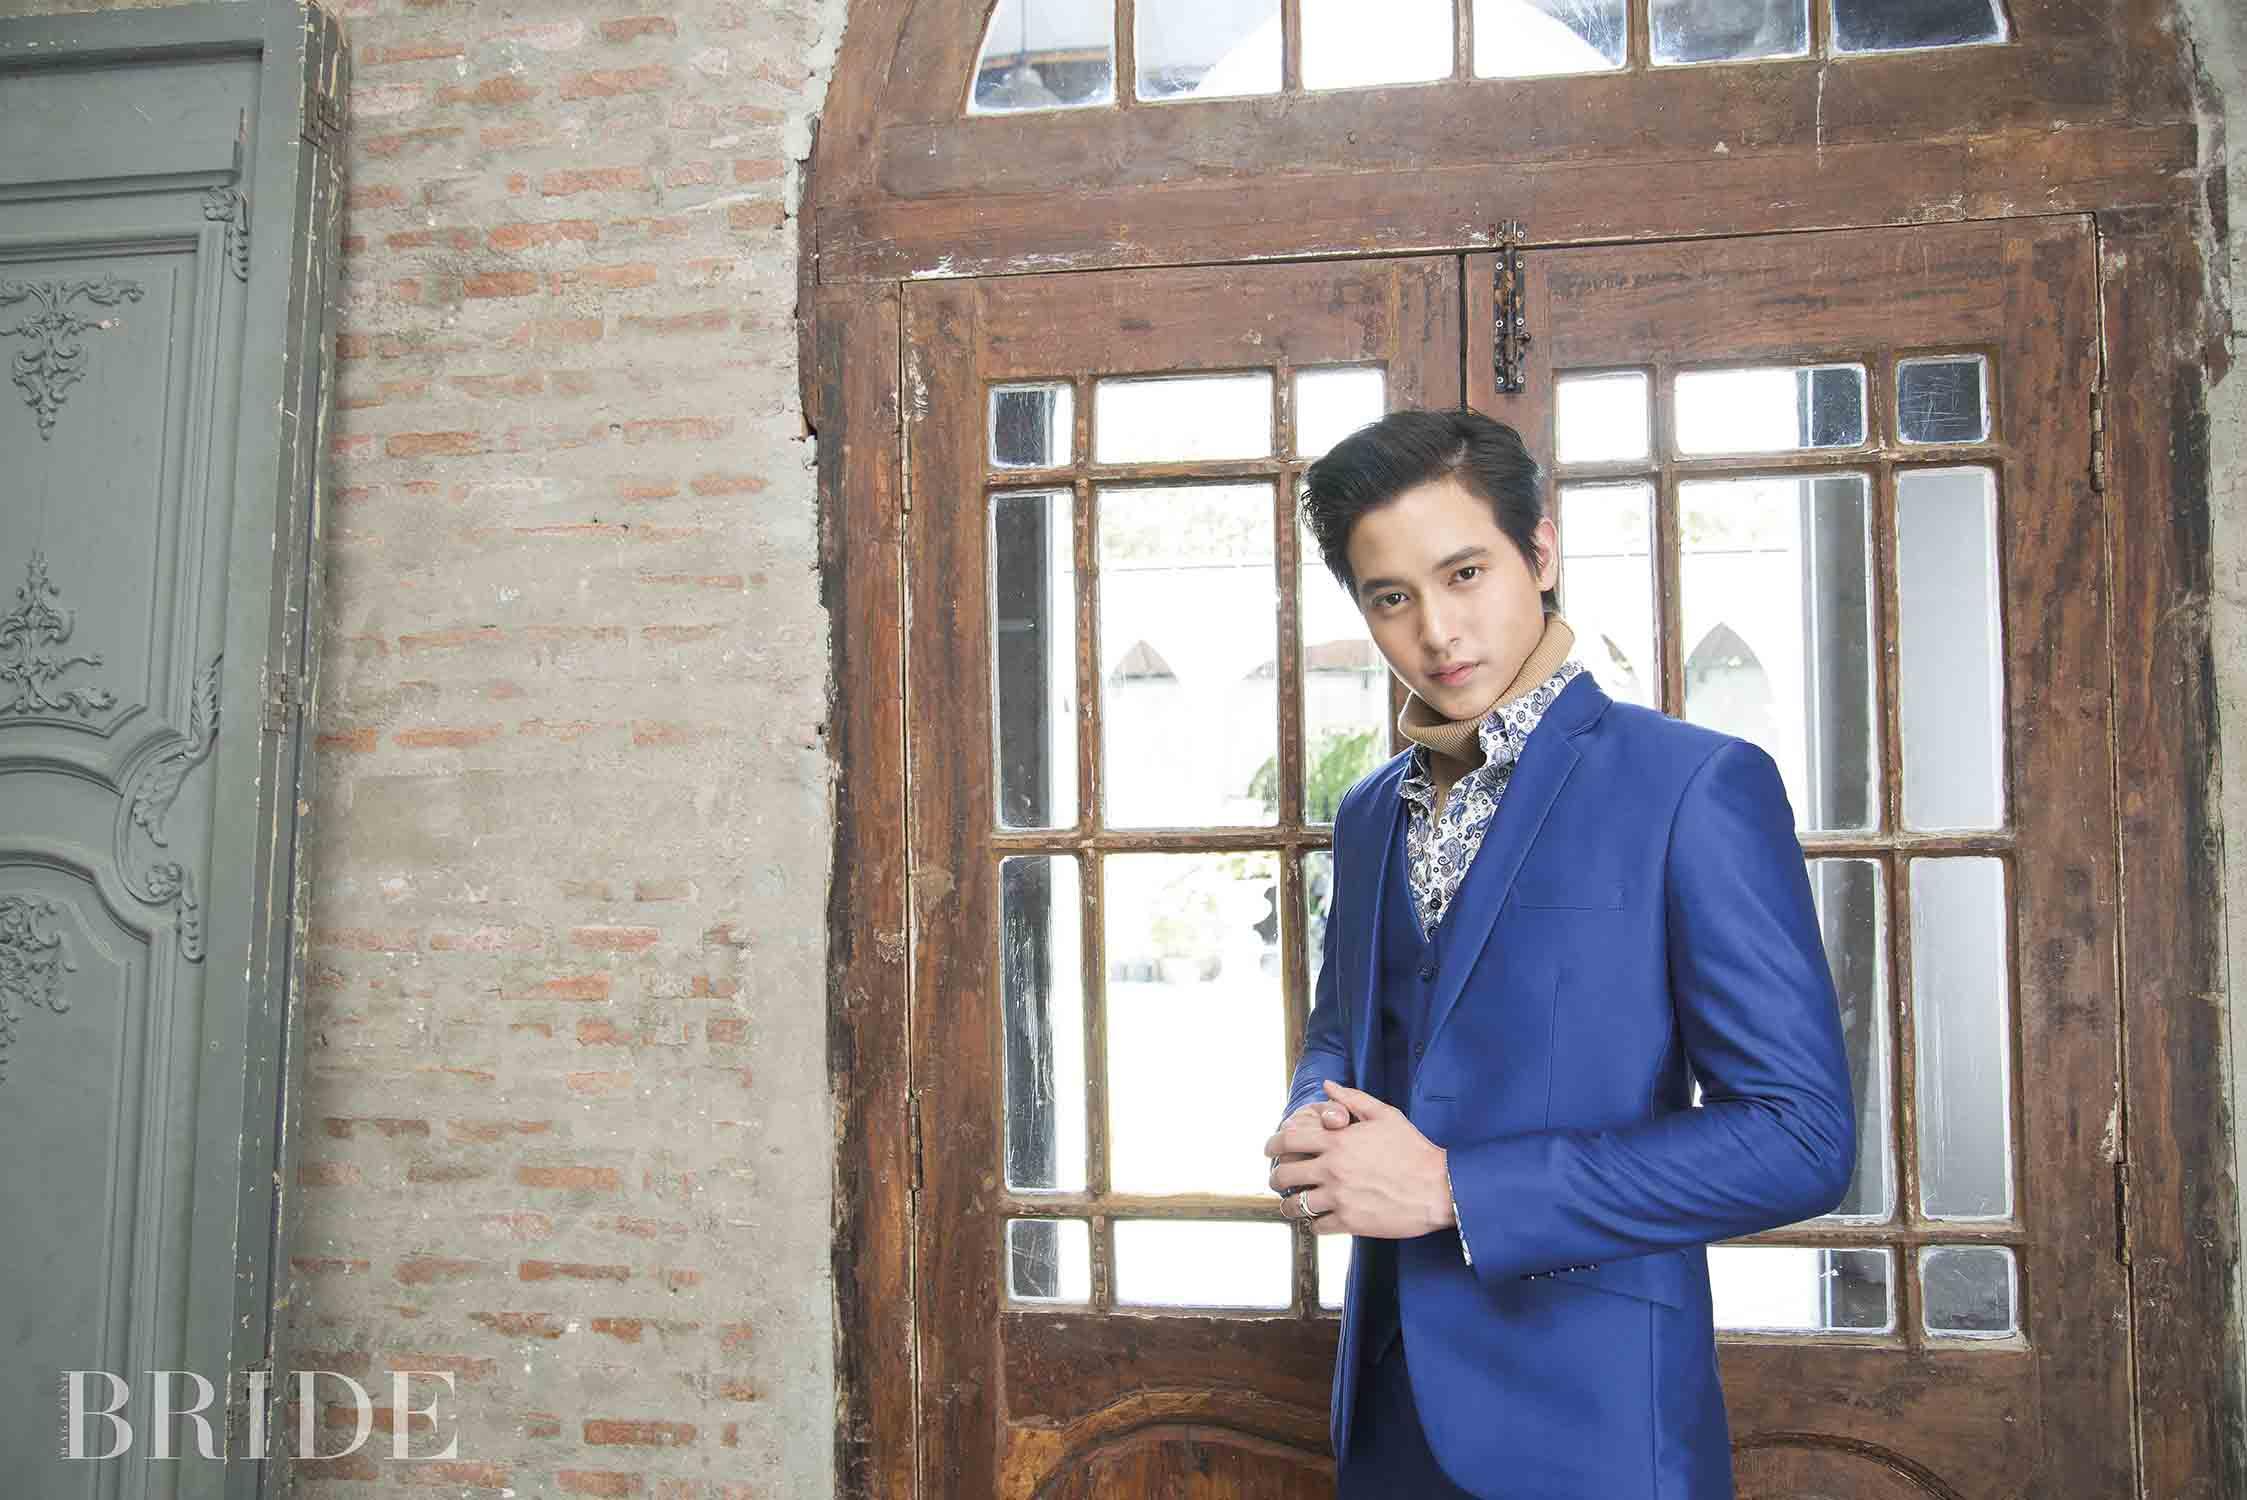 สูทเจ้าบ่าว_สูทแต่งงาน_wedding_suit_groom_suit_012